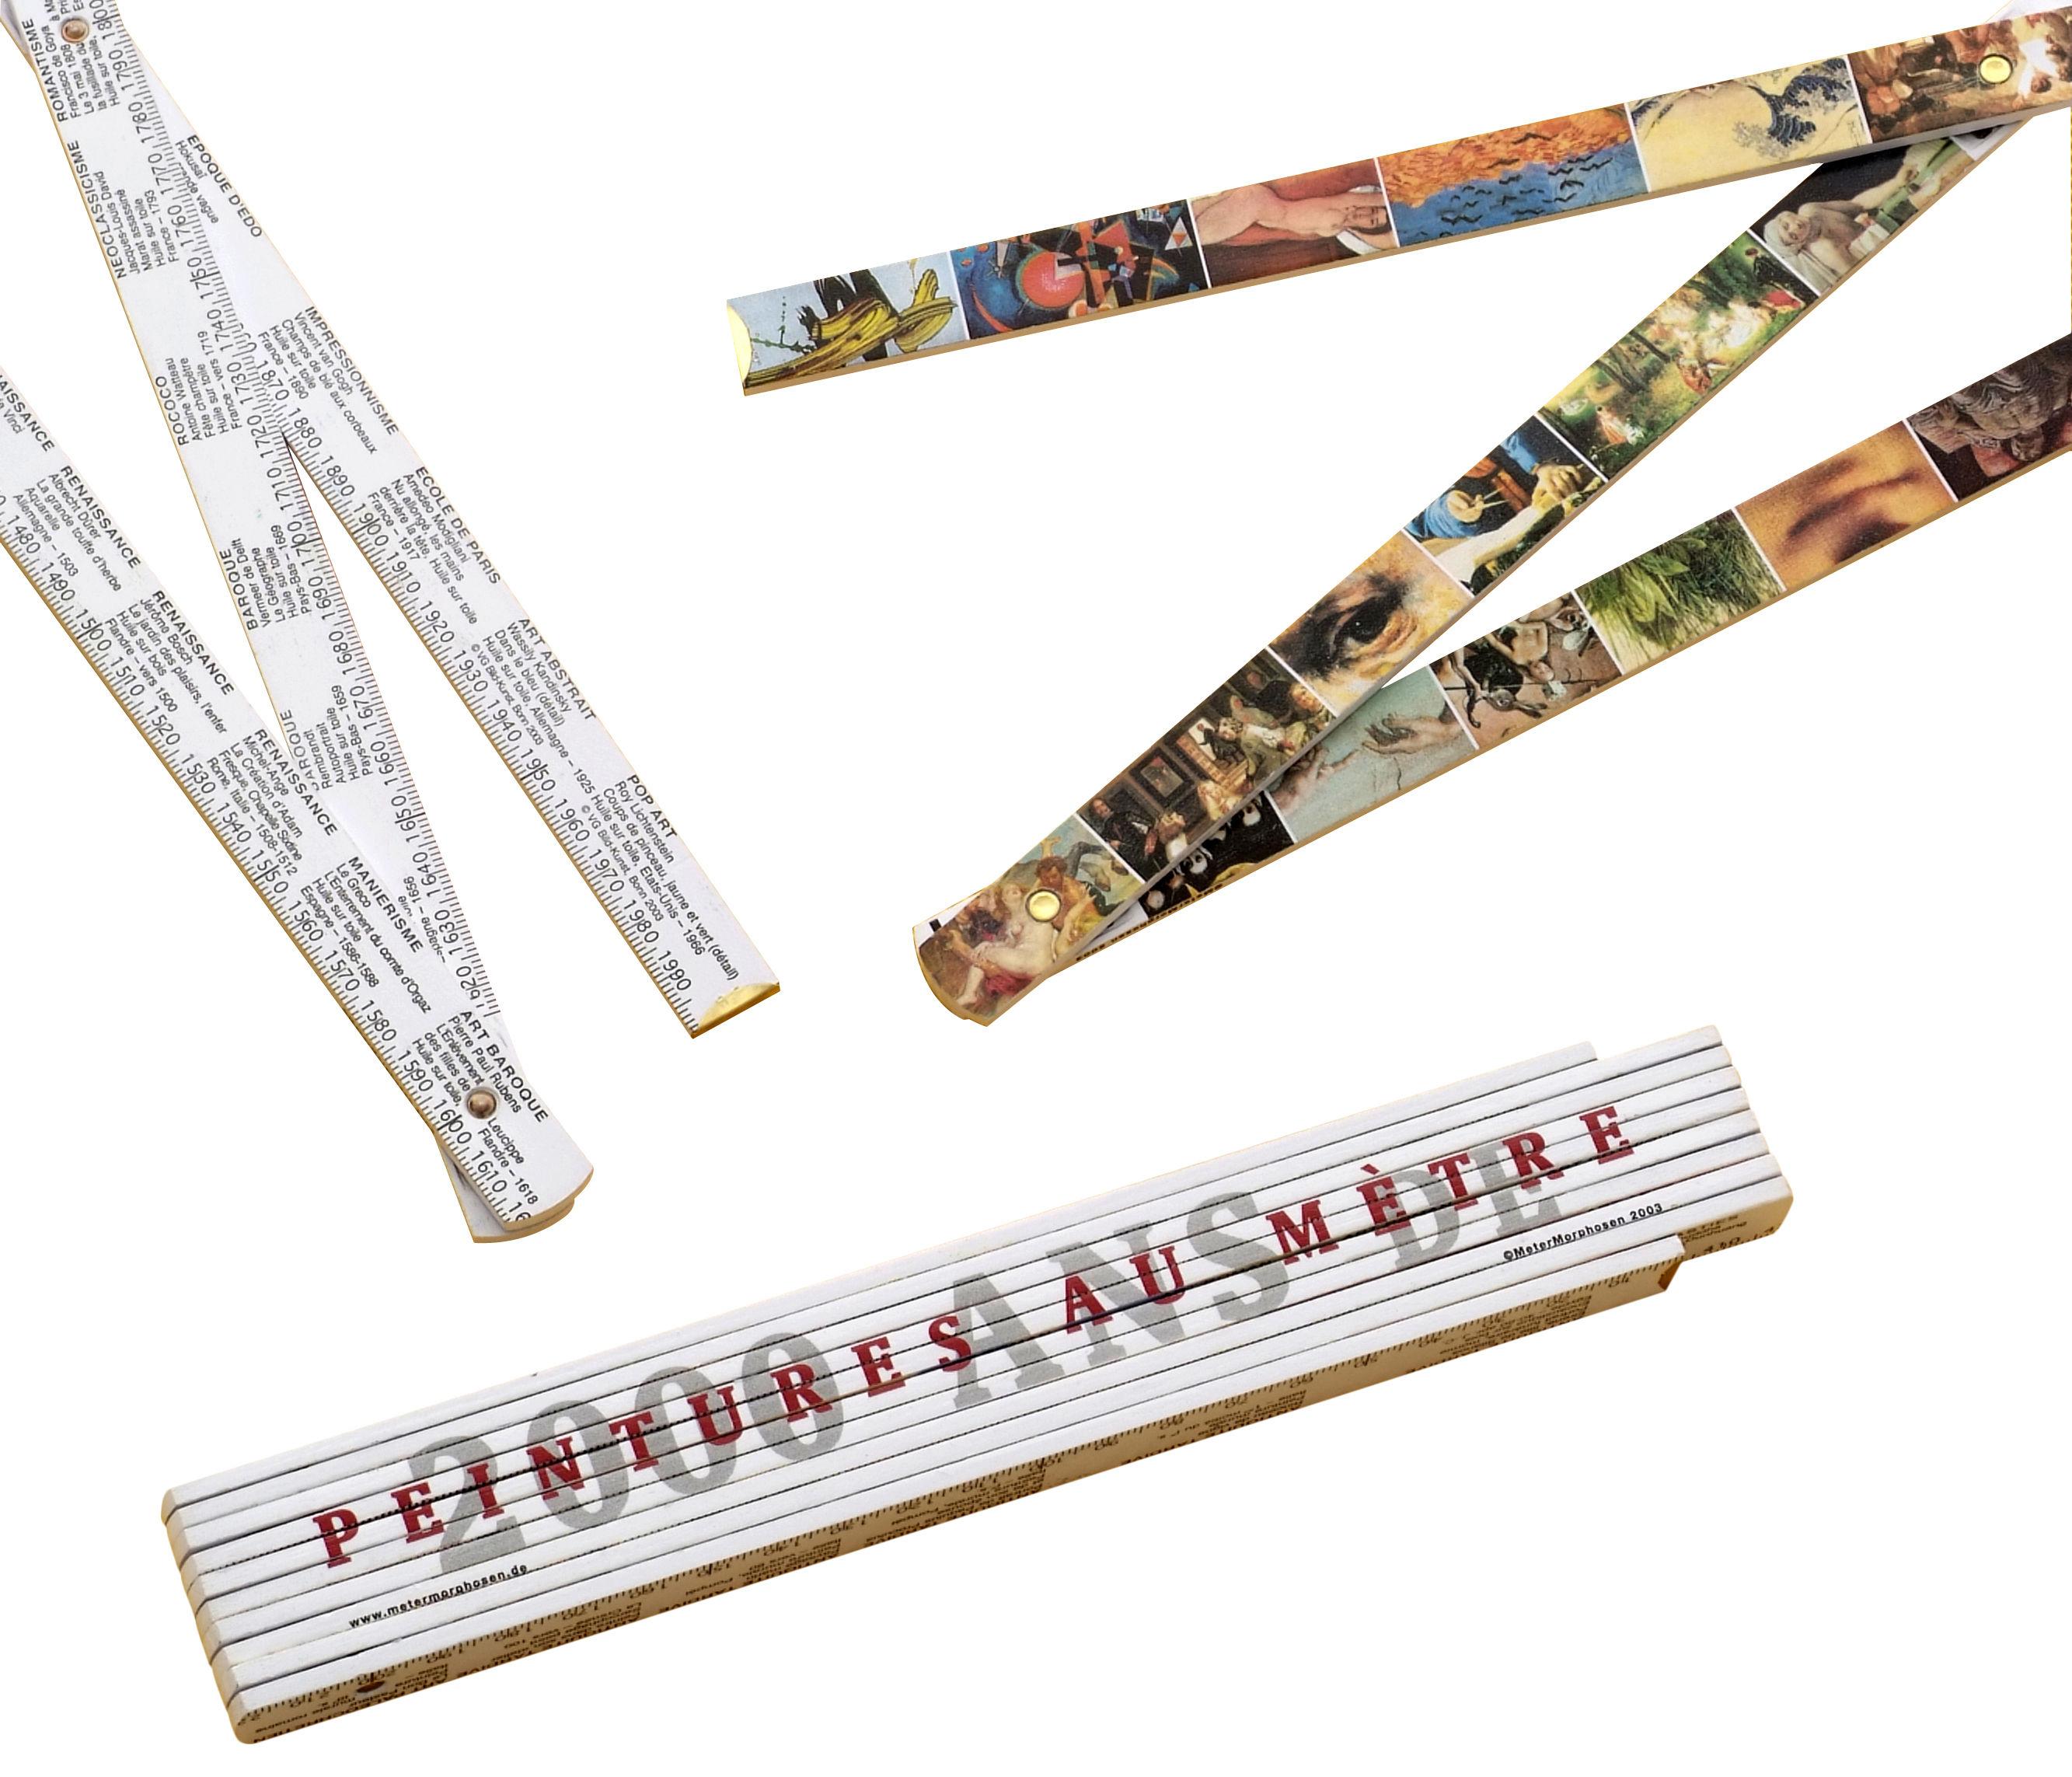 Decoration - Funny & surprising - Histoire de l'Art Metre by Pa Design - White - Wood